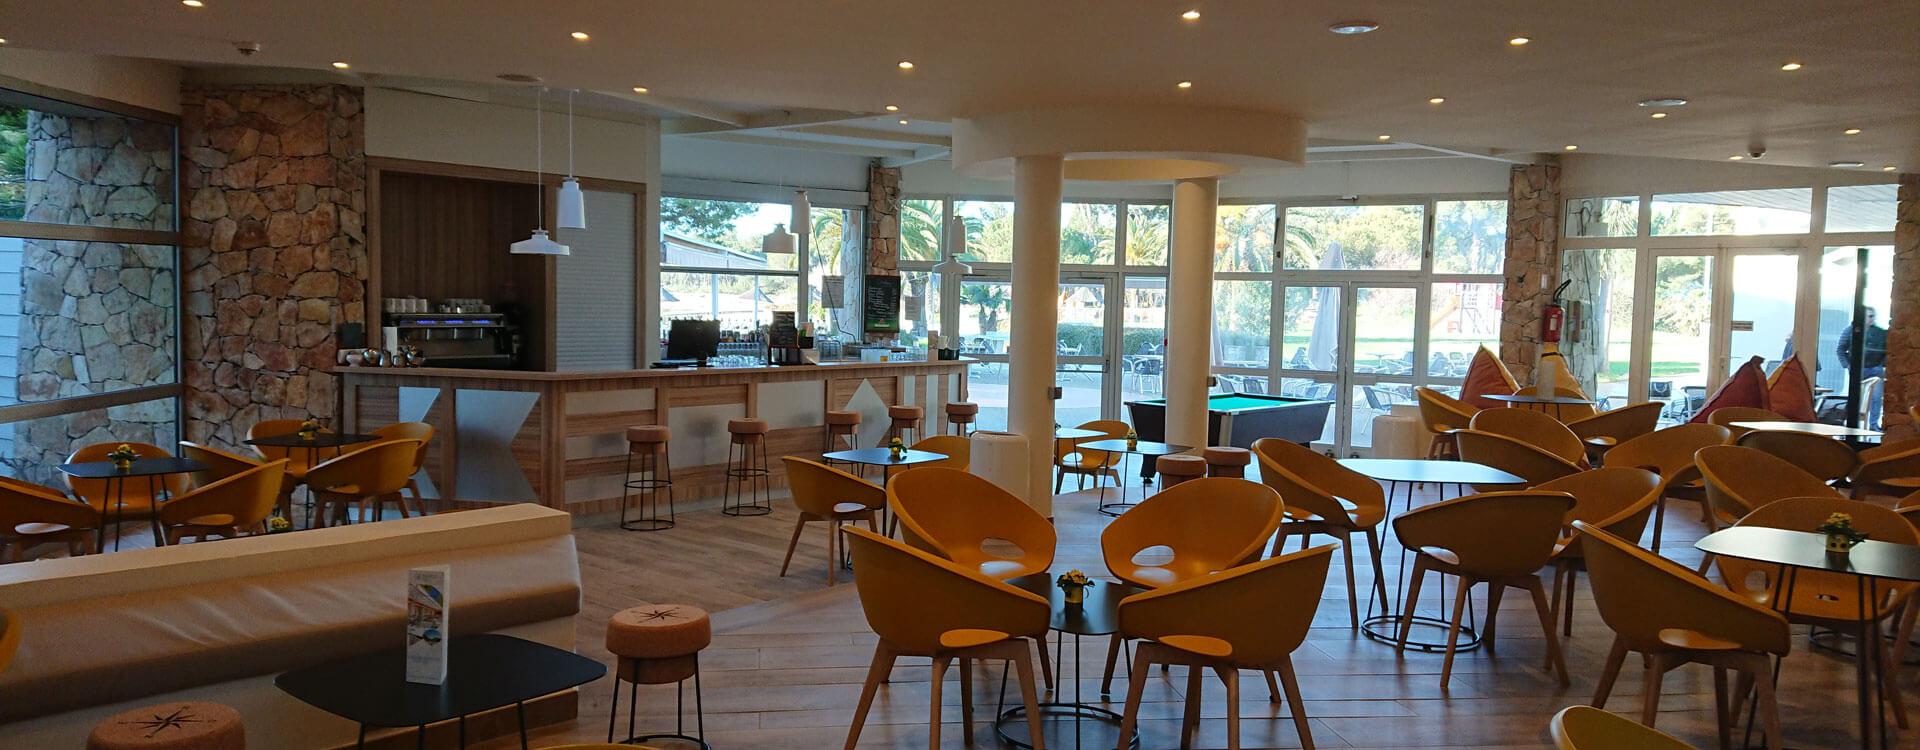 bar hotel plein sud hyeres